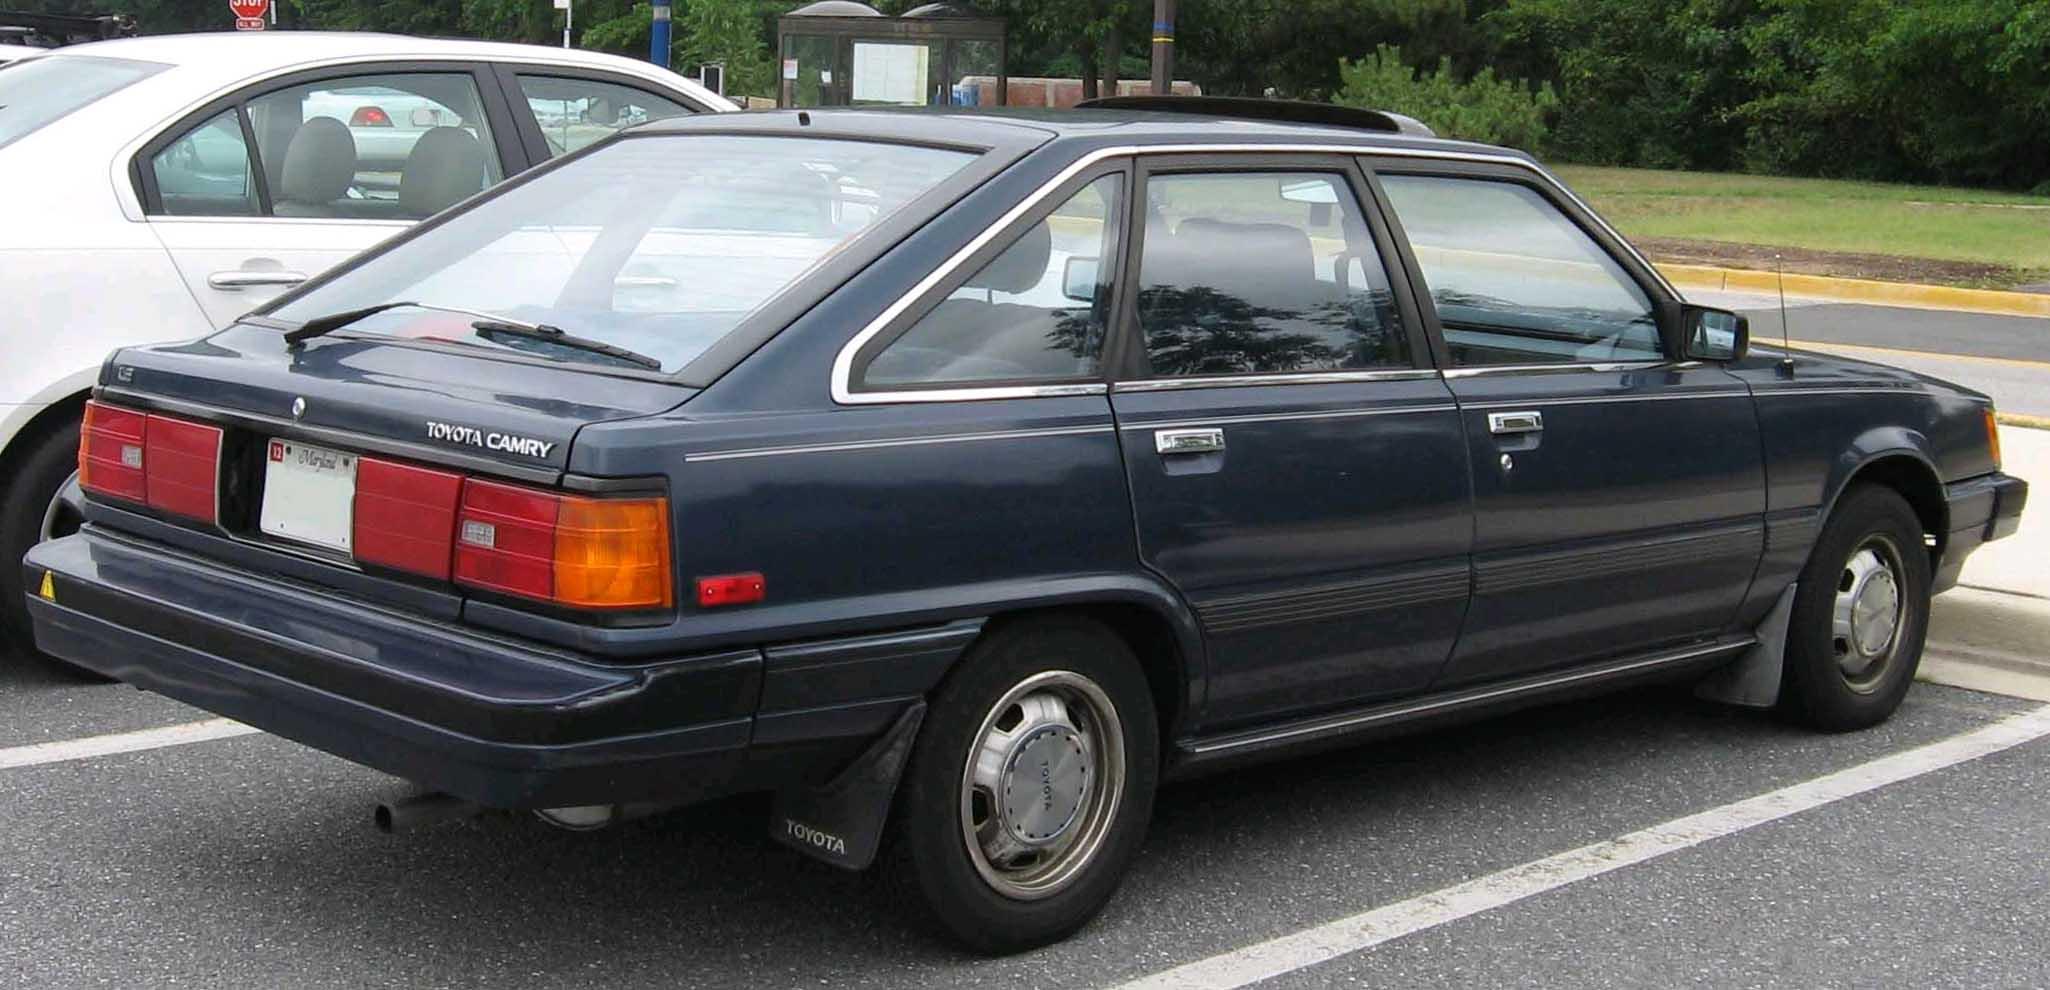 Toyota Vista I (V10) 1982 - 1986 Hatchback 5 door #6